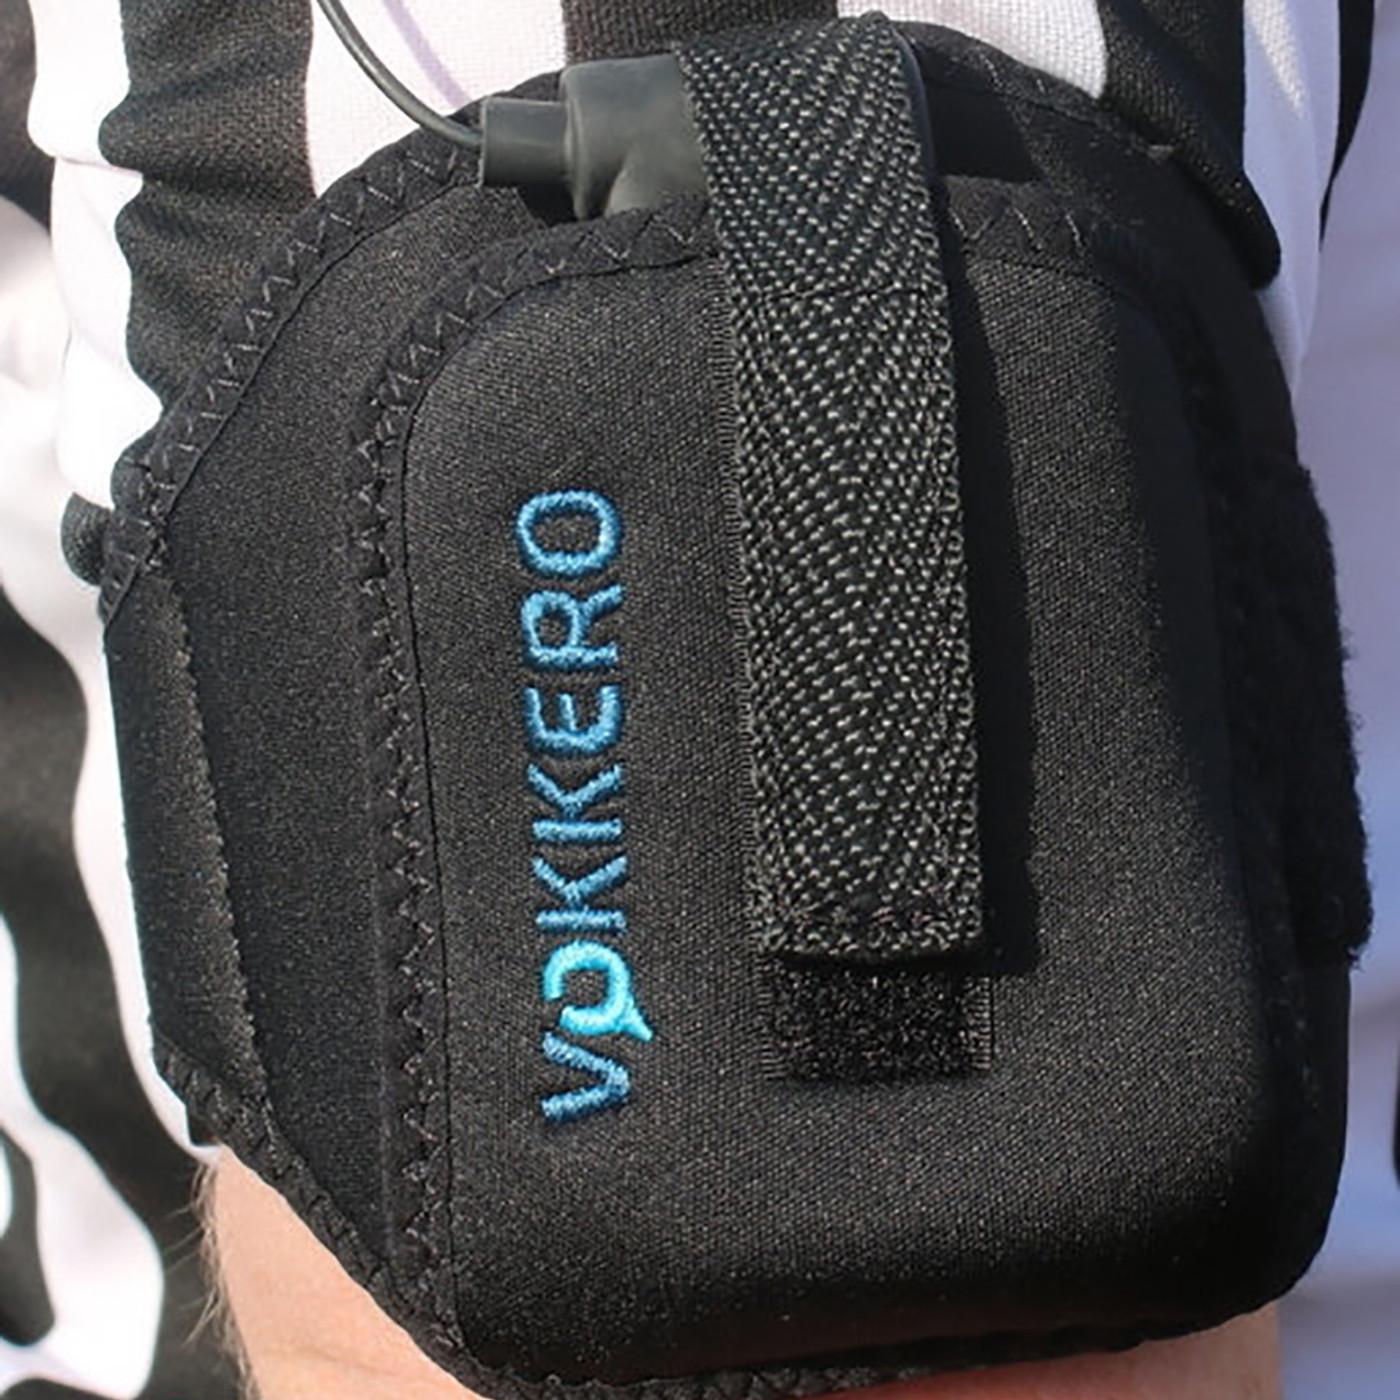 1567 Vokkero Squadra Varsity 4 Person Referee Communication System